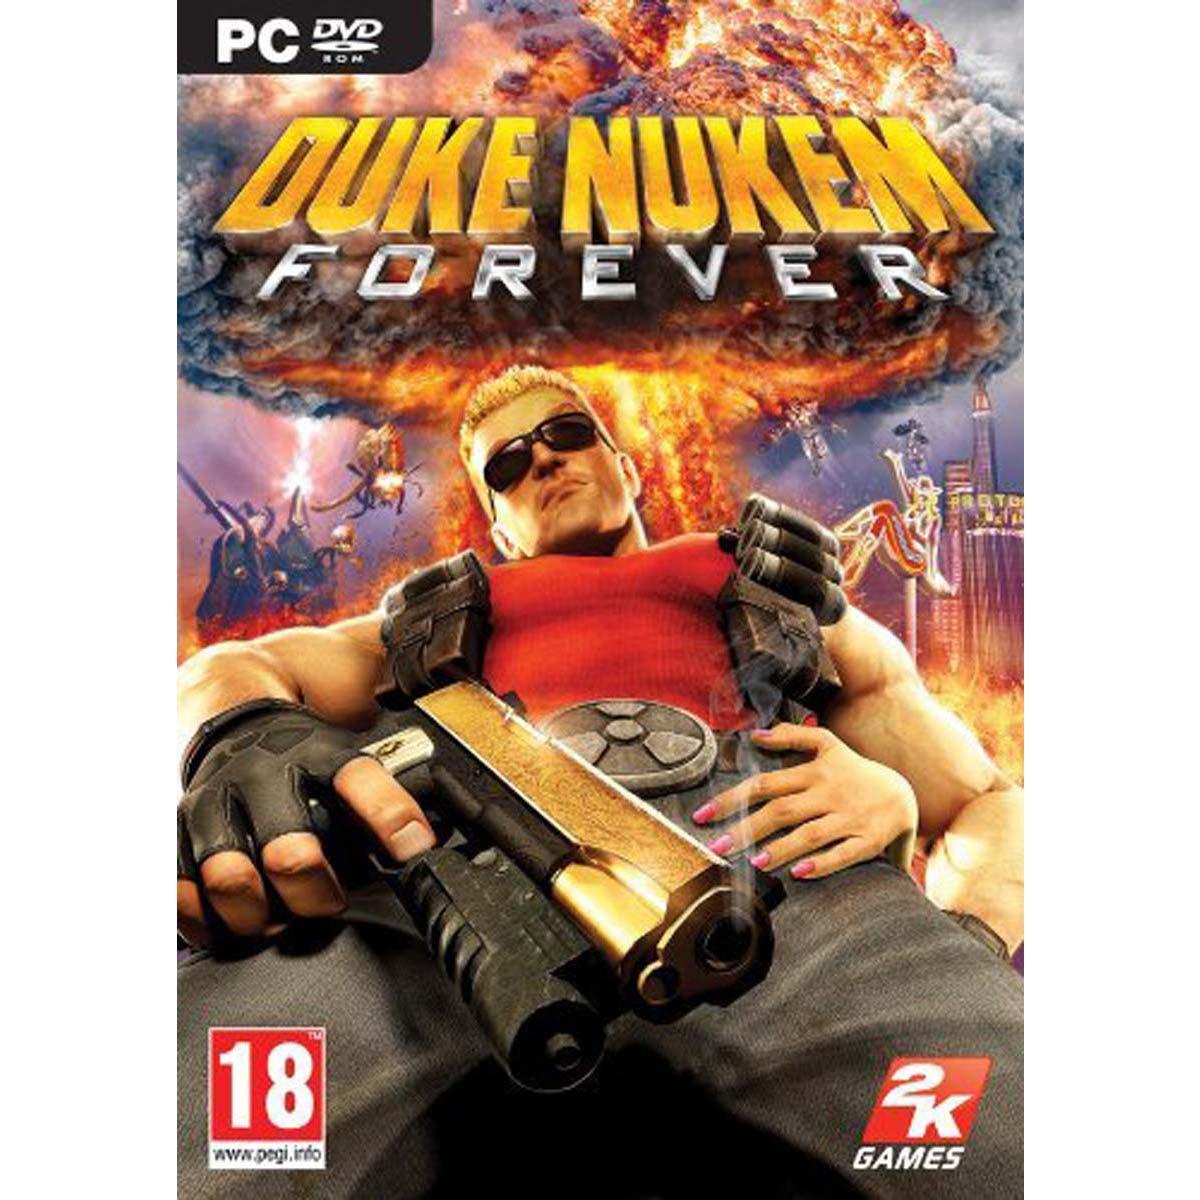 Duke Nukem Forever PC